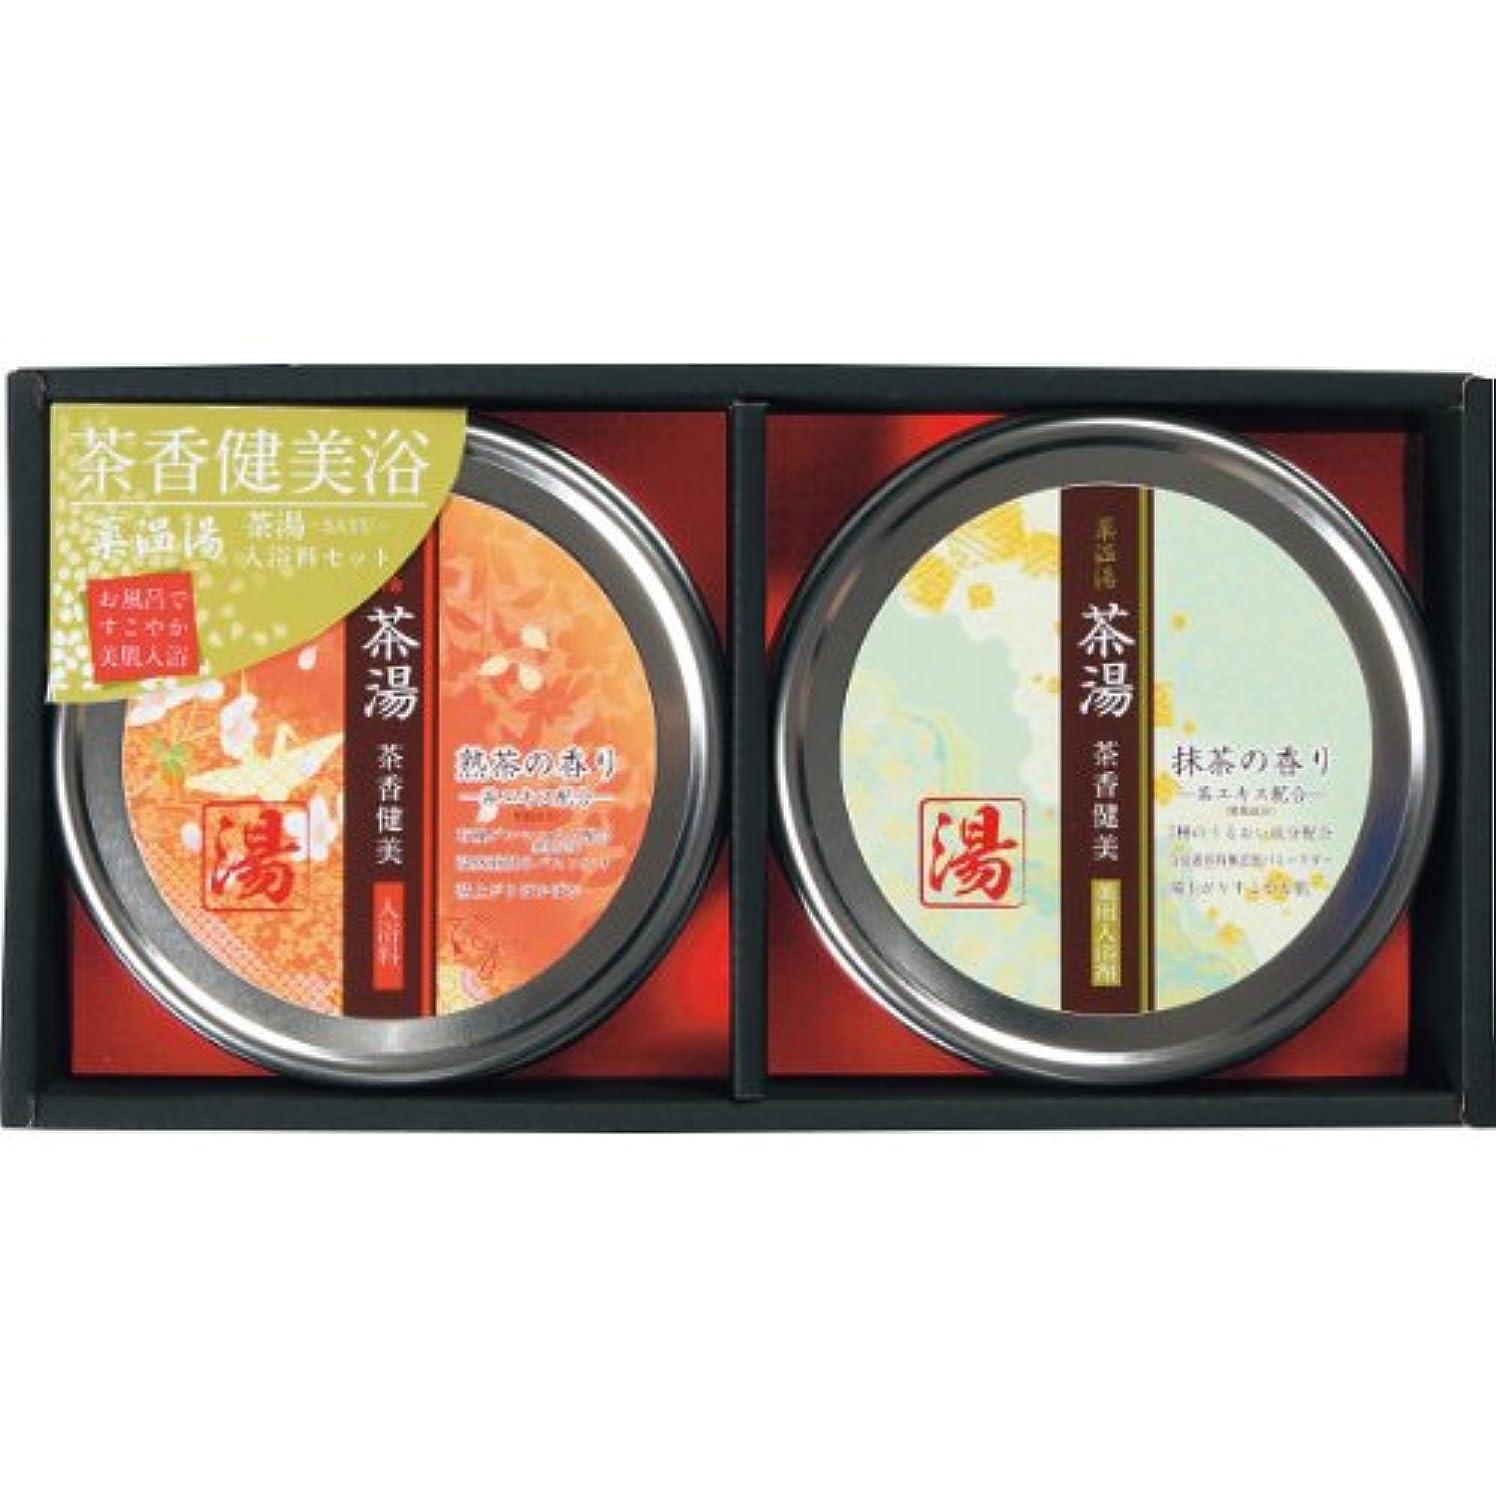 ターゲット強大な略語敬老の日 贈り物 薬温湯 茶湯ギフトセット(SD)